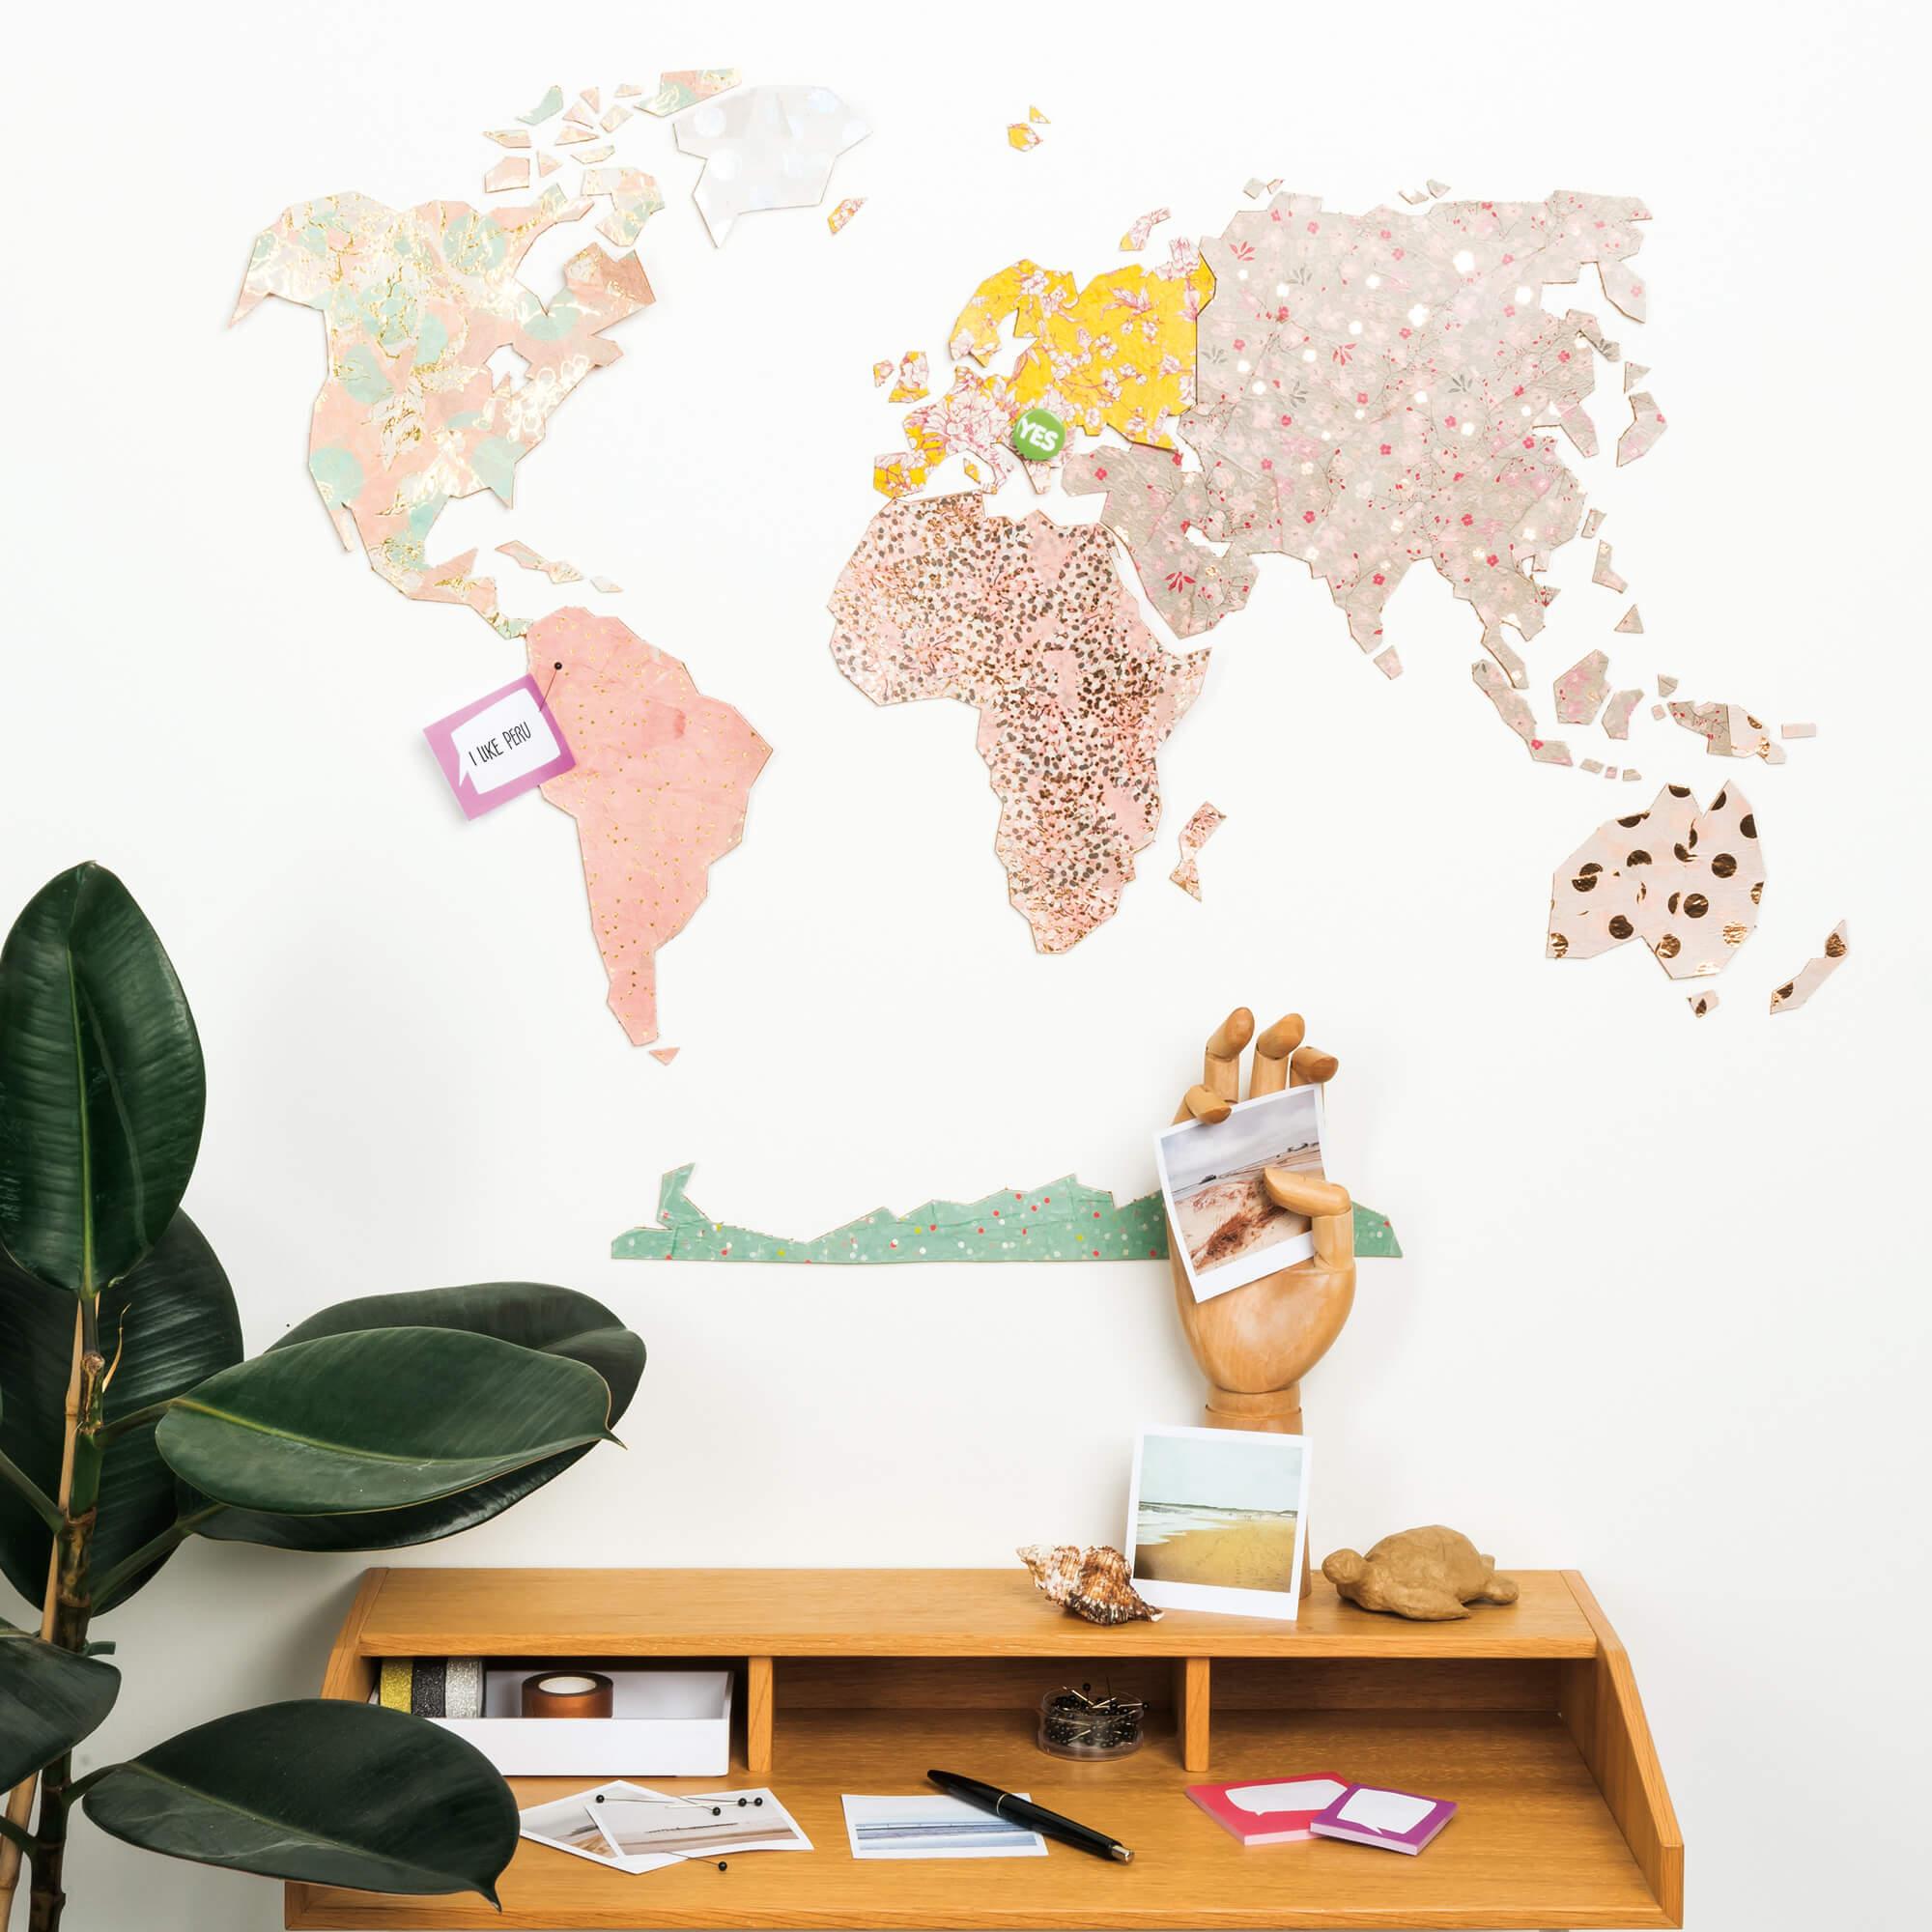 Korkpinnwand Weltkarte Gratis Anleitung Zum Selber Machen